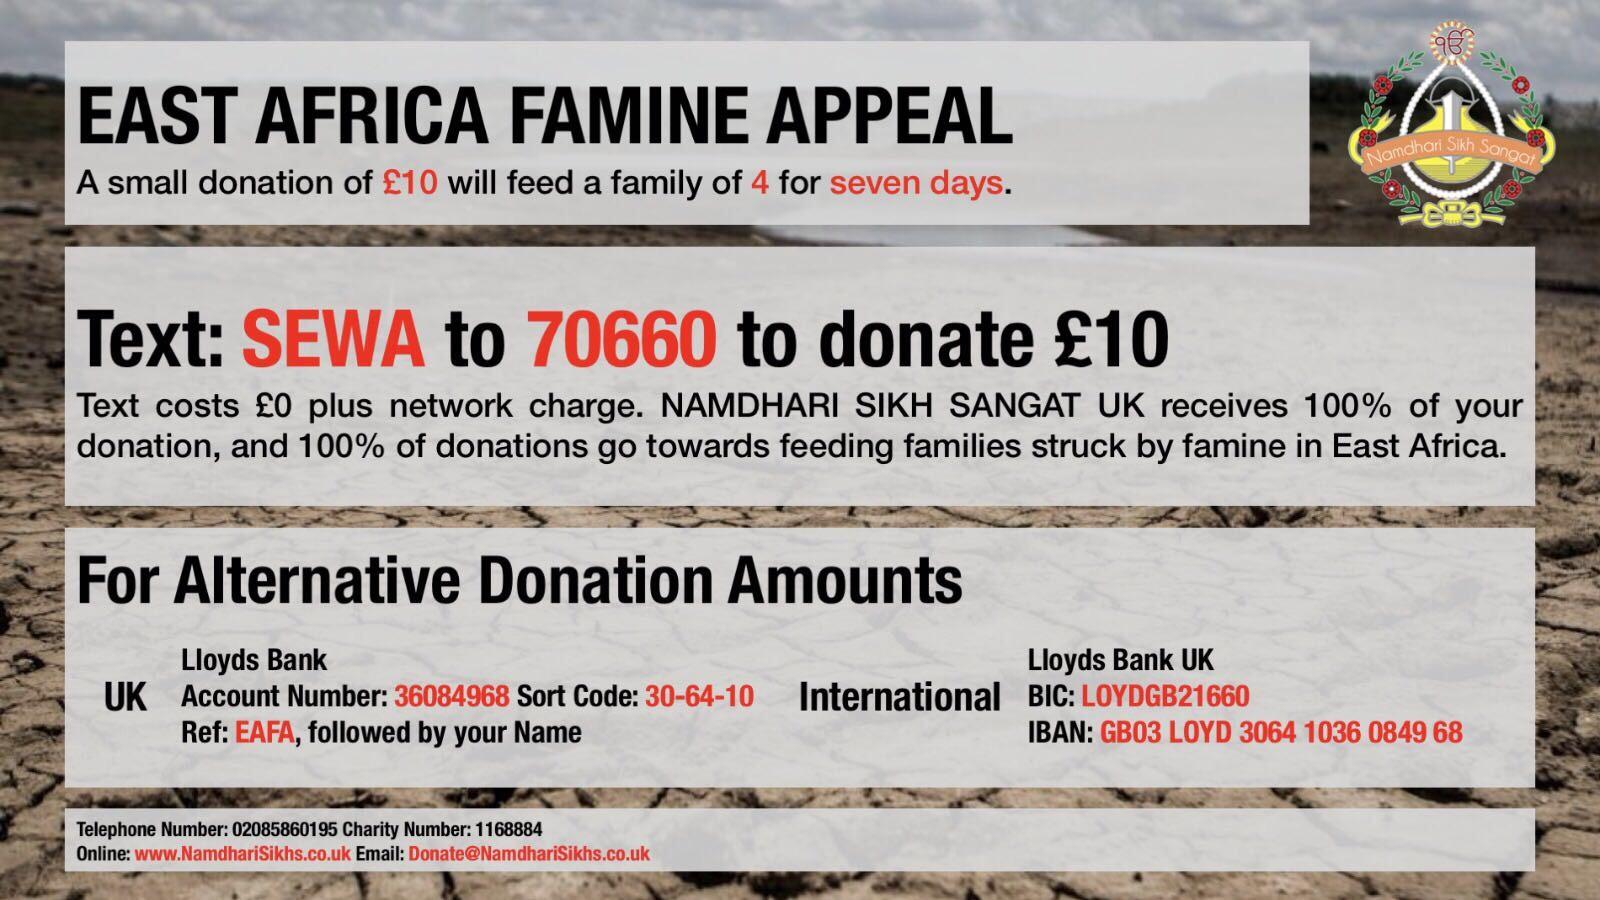 SEWA Donation Image